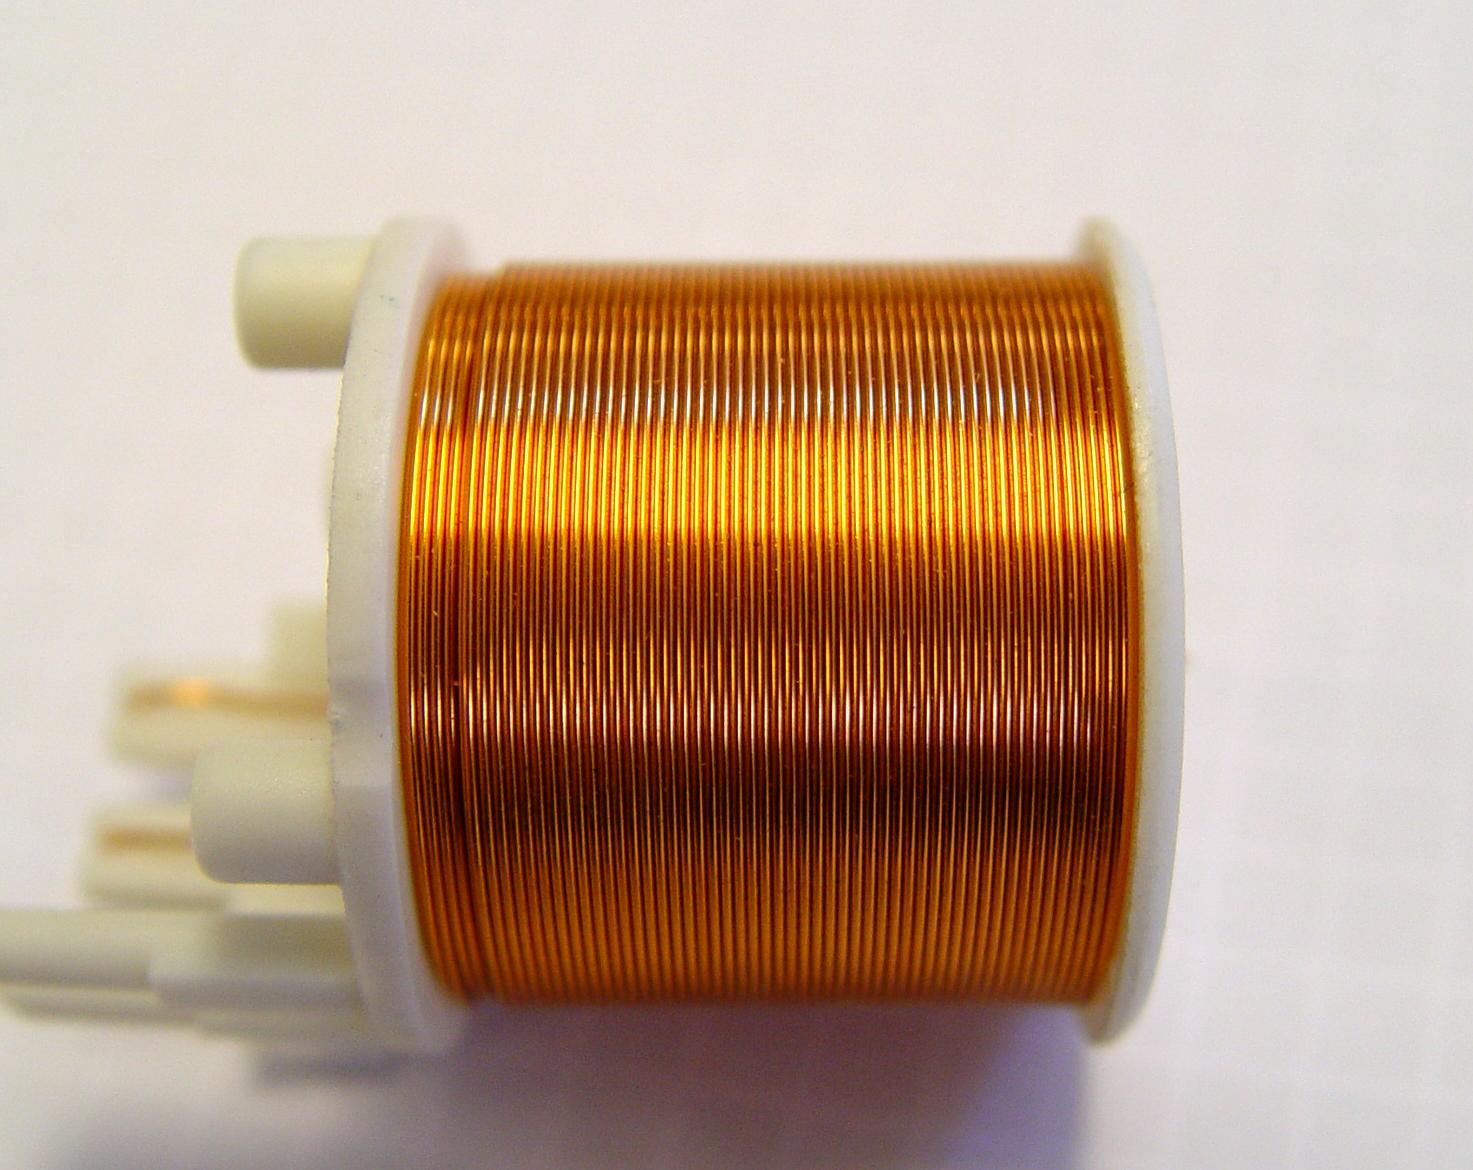 Phenomenal Helical Wire Harness Lay Wiring Diagram Wiring Cloud Vieworaidewilluminateatxorg